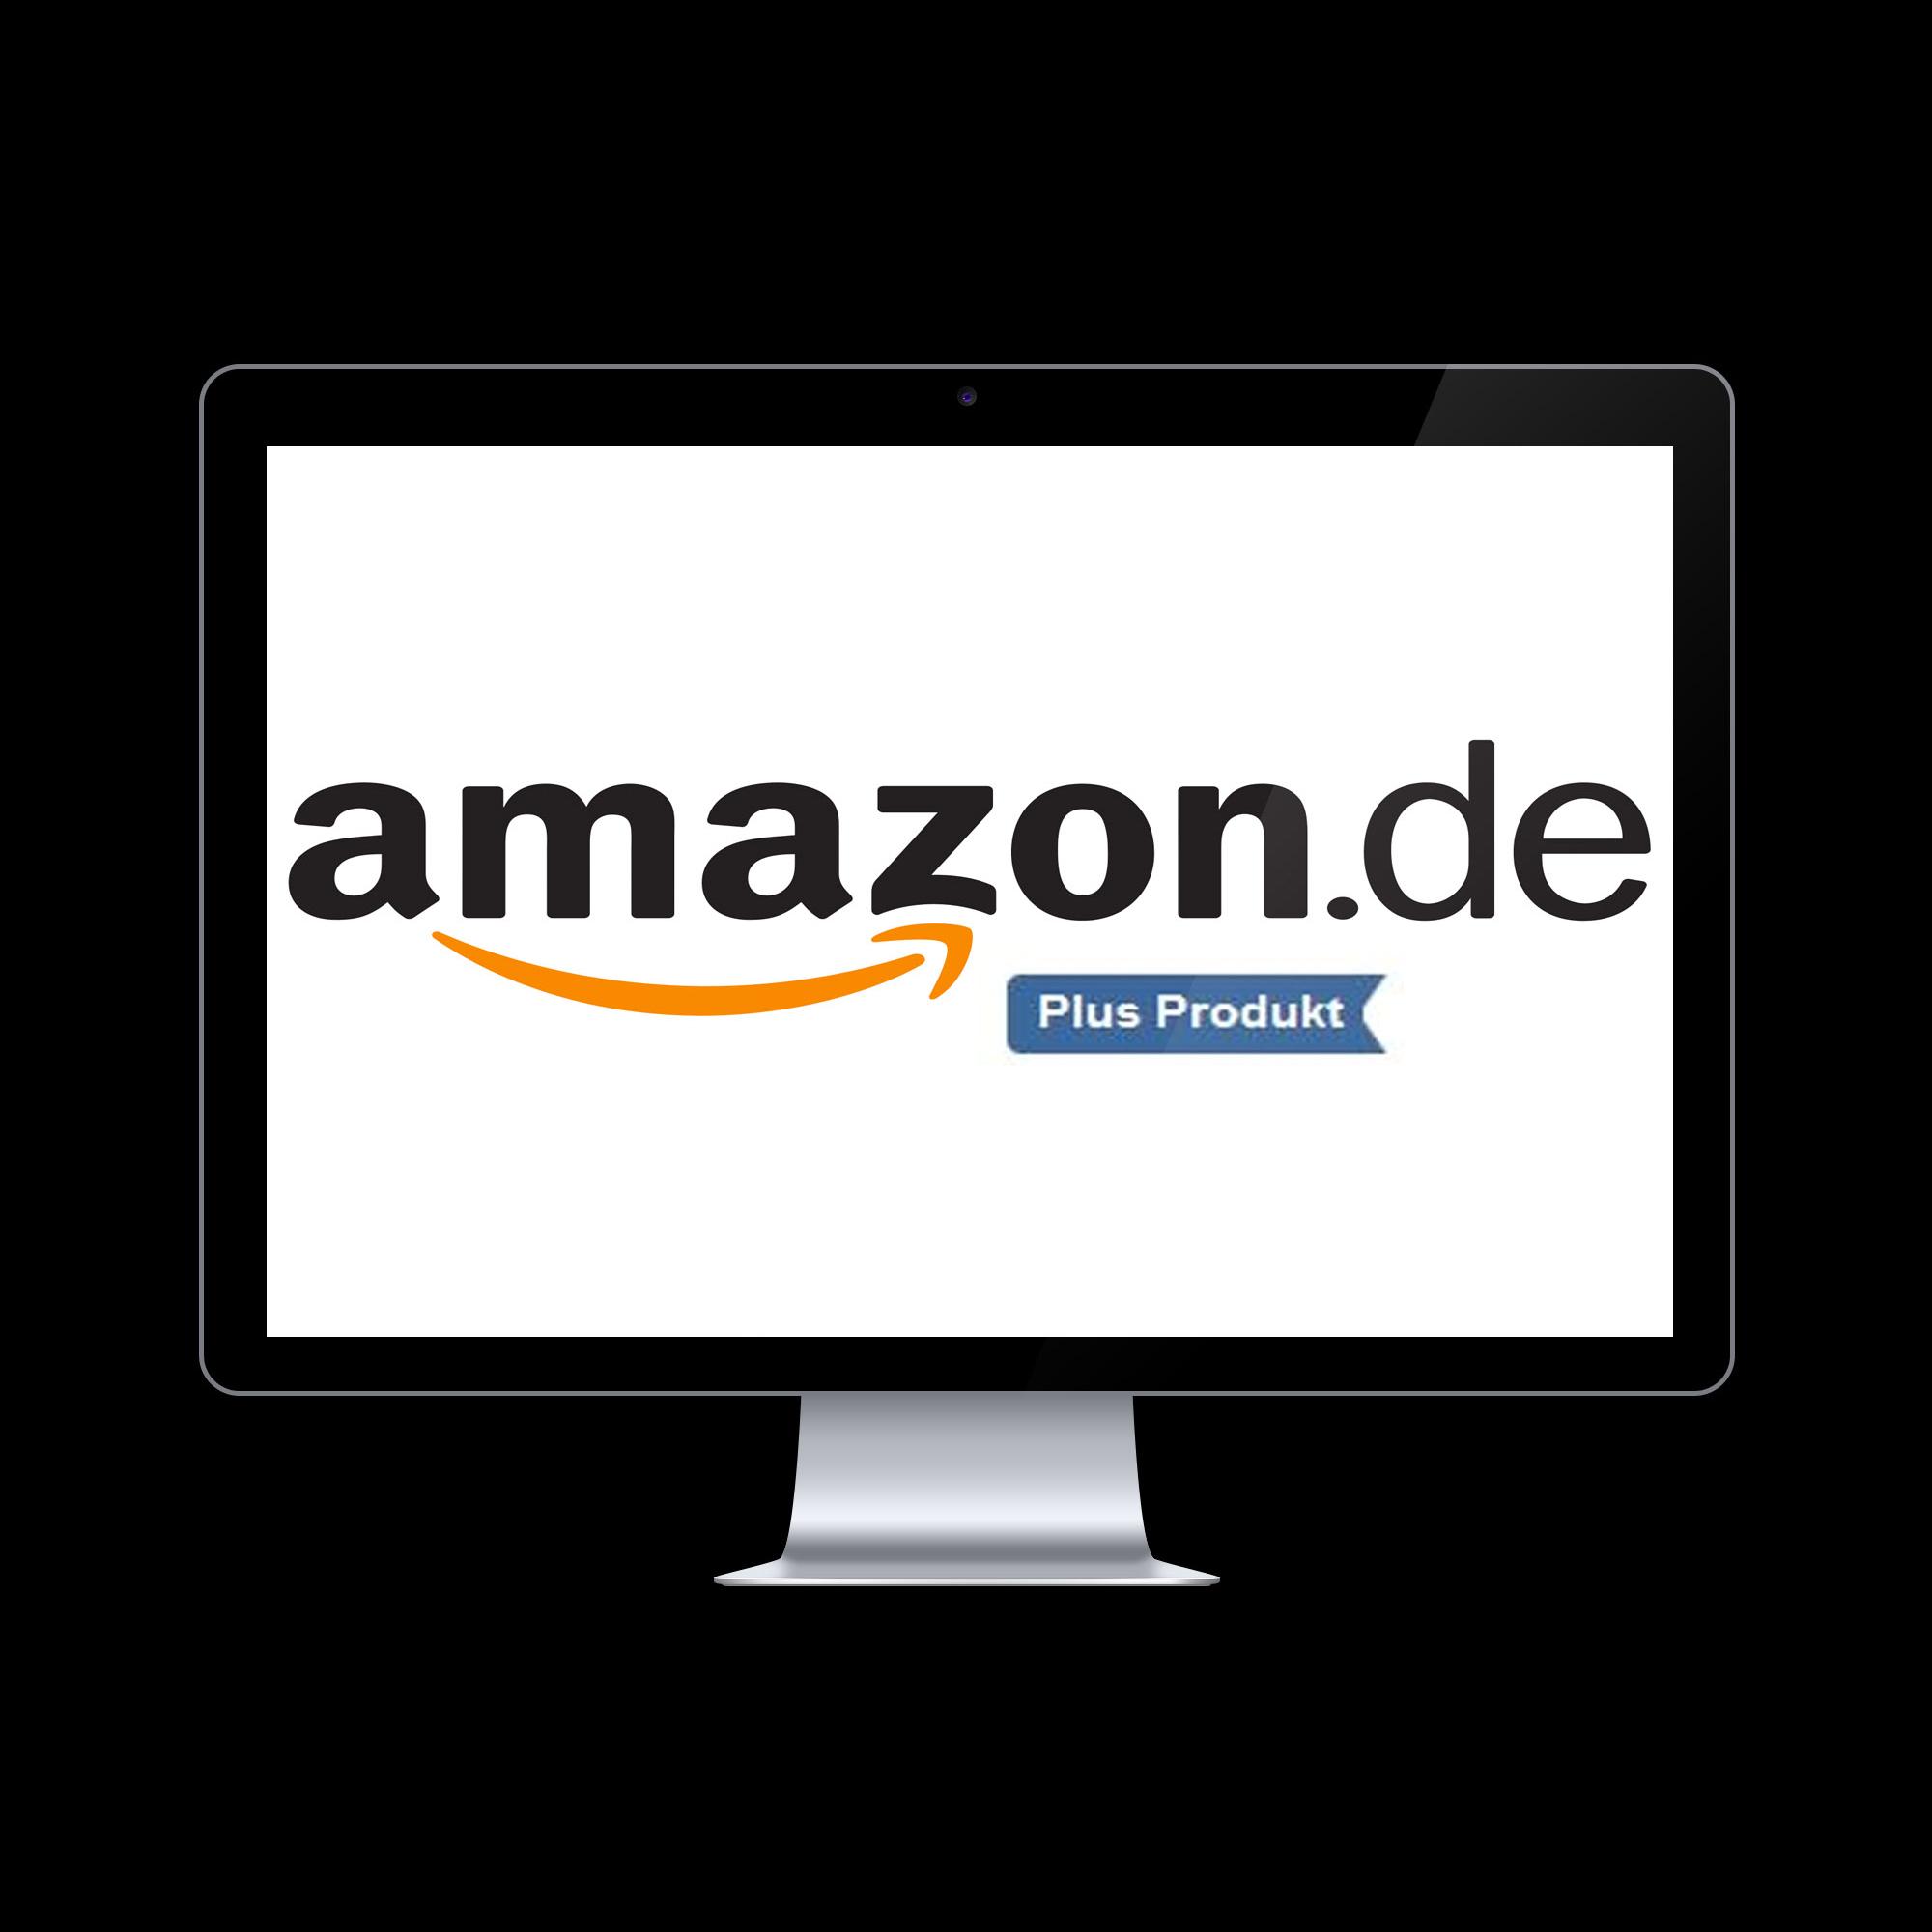 Alexa Plus Produkt Trick (auch ohne Echo): Ohne MBW Amazon Plus Produkte bestellen per App [für Prime Mitglieder]